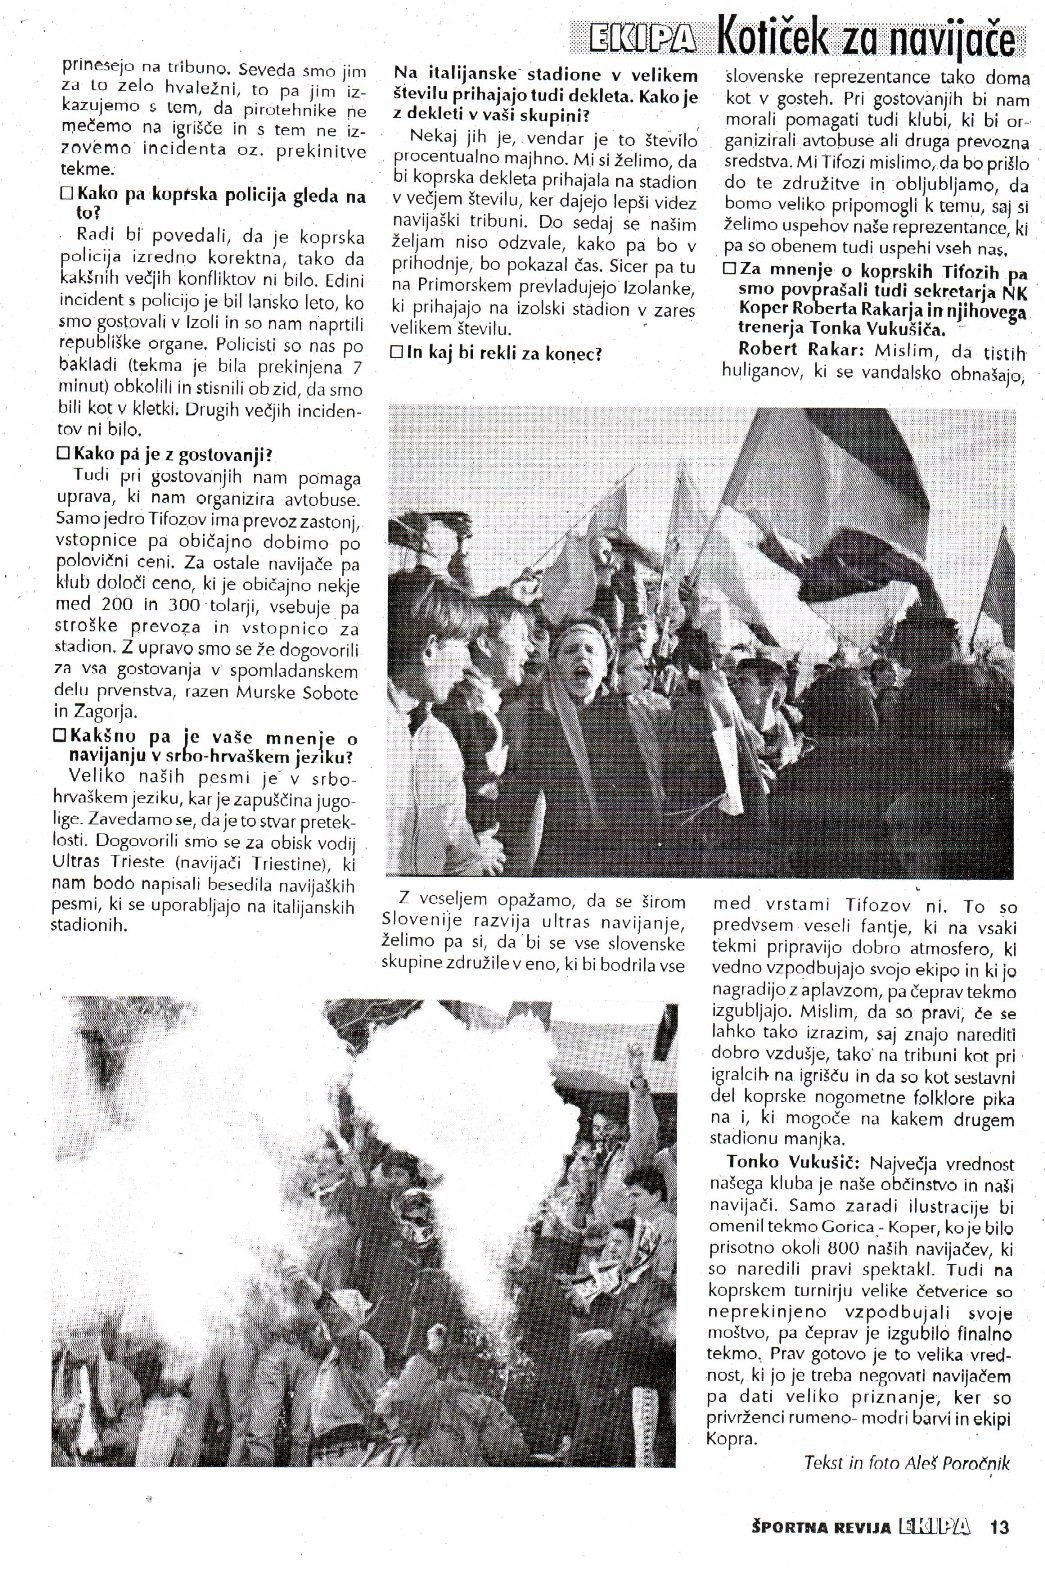 KZN14-2_11_3_1992